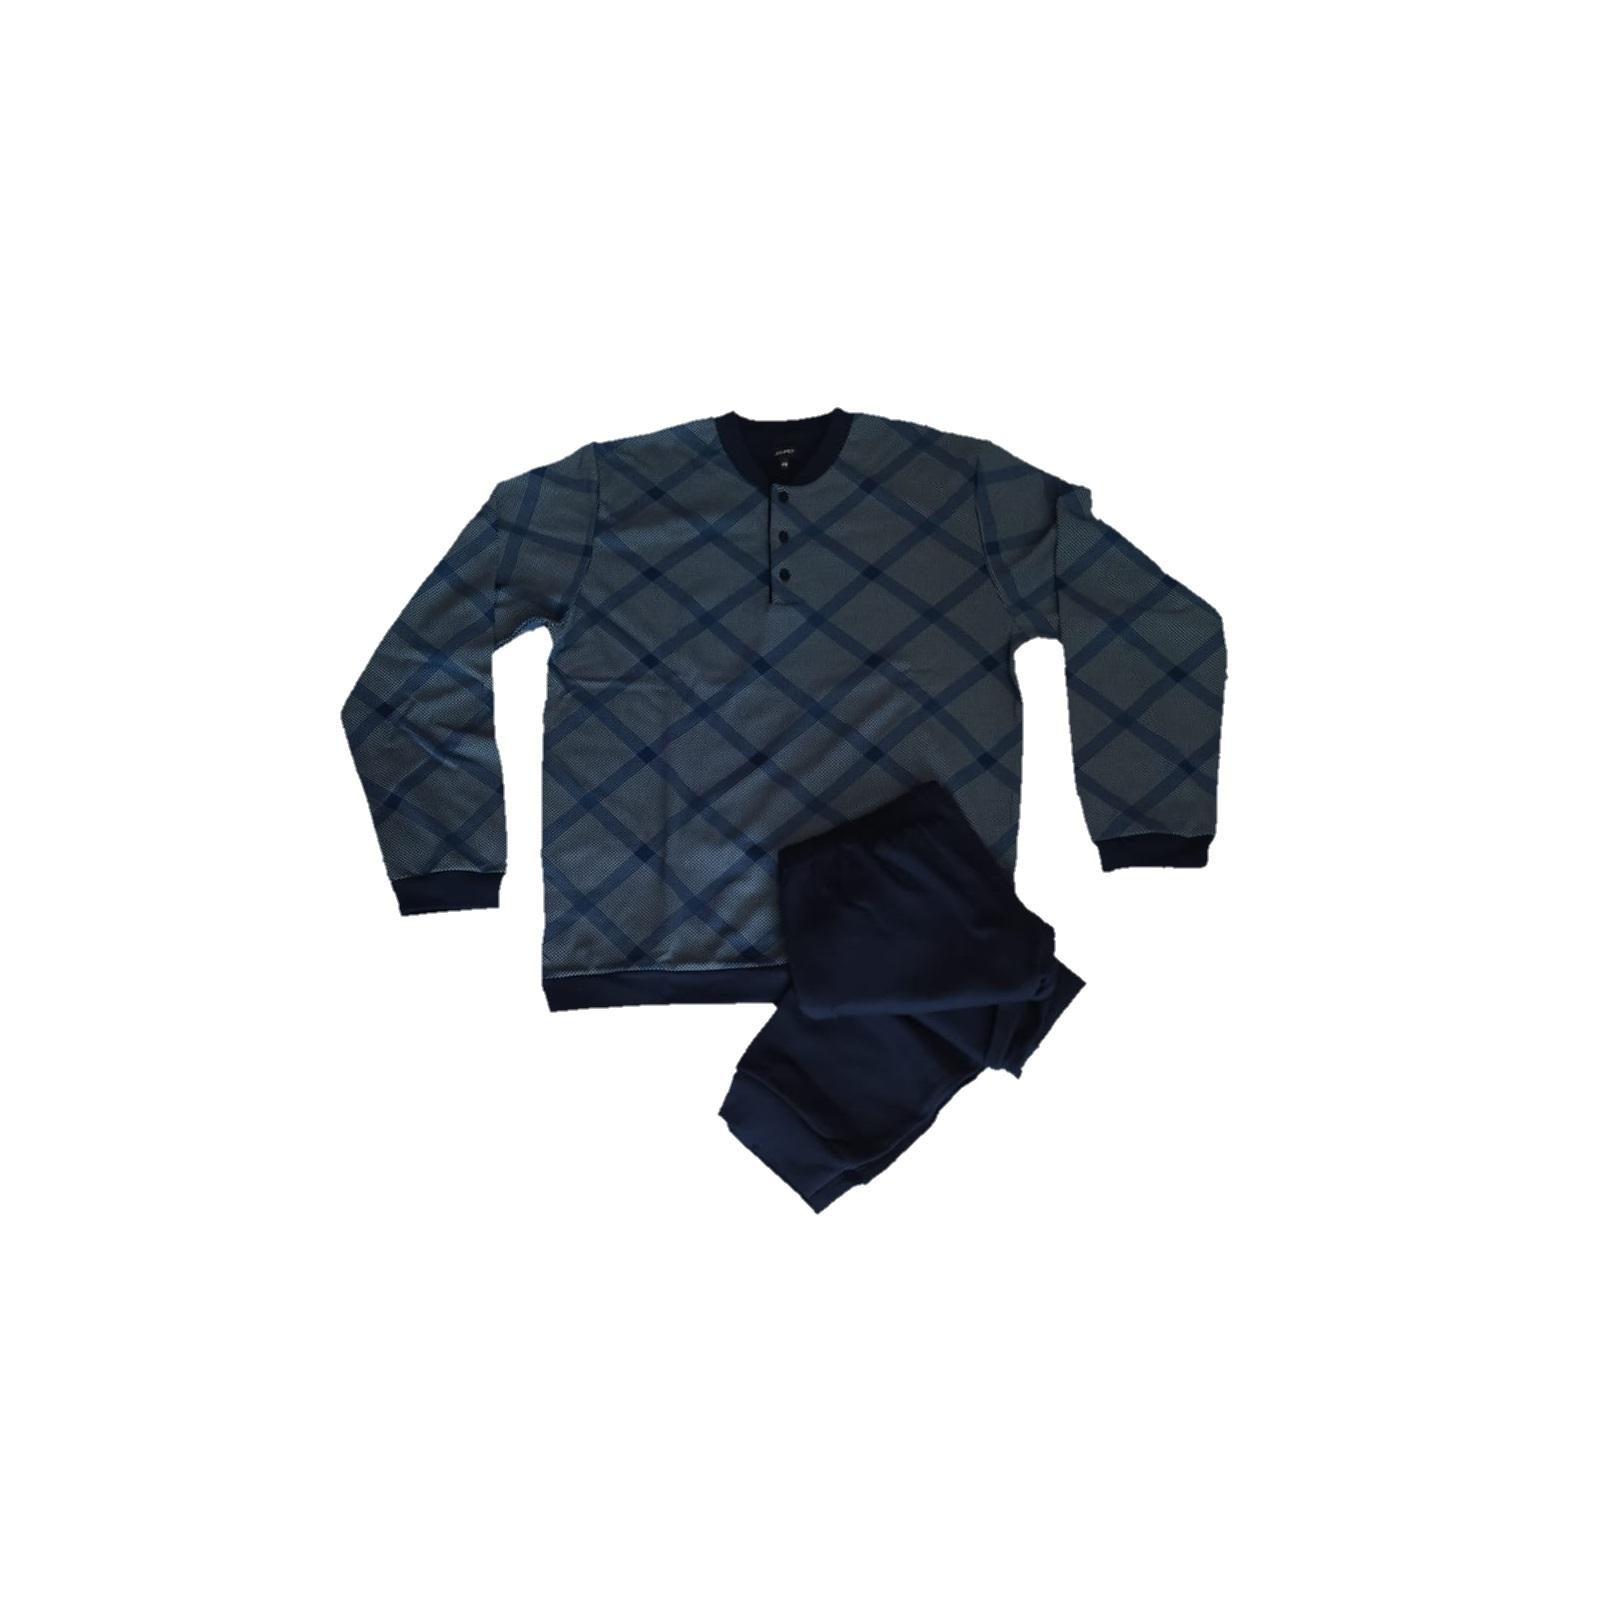 julipet pigiama cotone interlock camogli